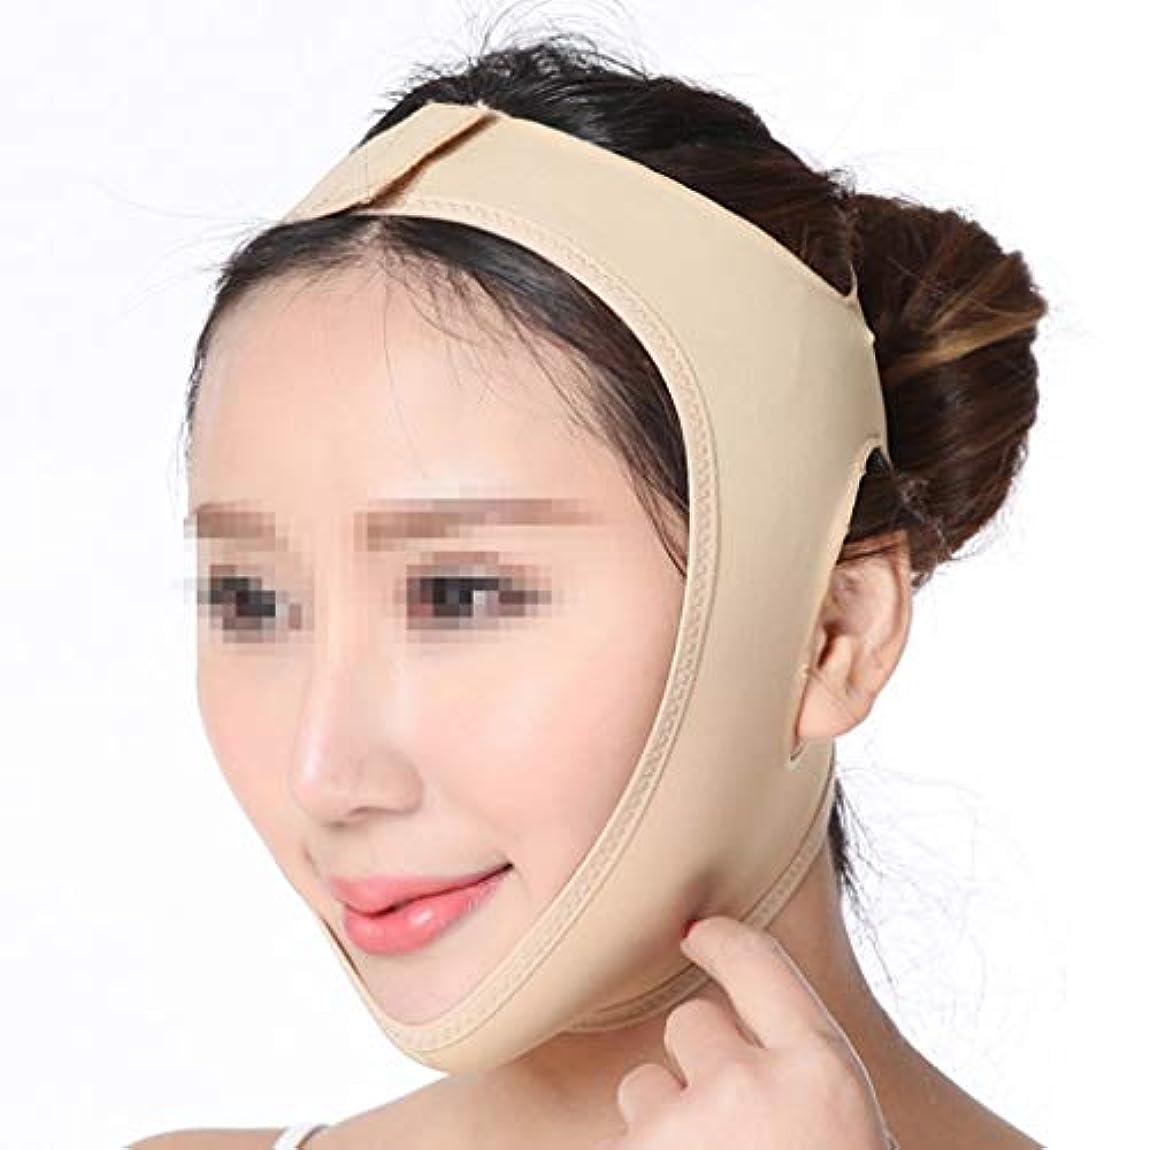 ホイットニー人間性的XHLMRMJ フェイスリフティング包帯、Vフェイス薄型フェイスマスクフェイスリフティング包帯リフティングVフェイスマスク (Size : L)